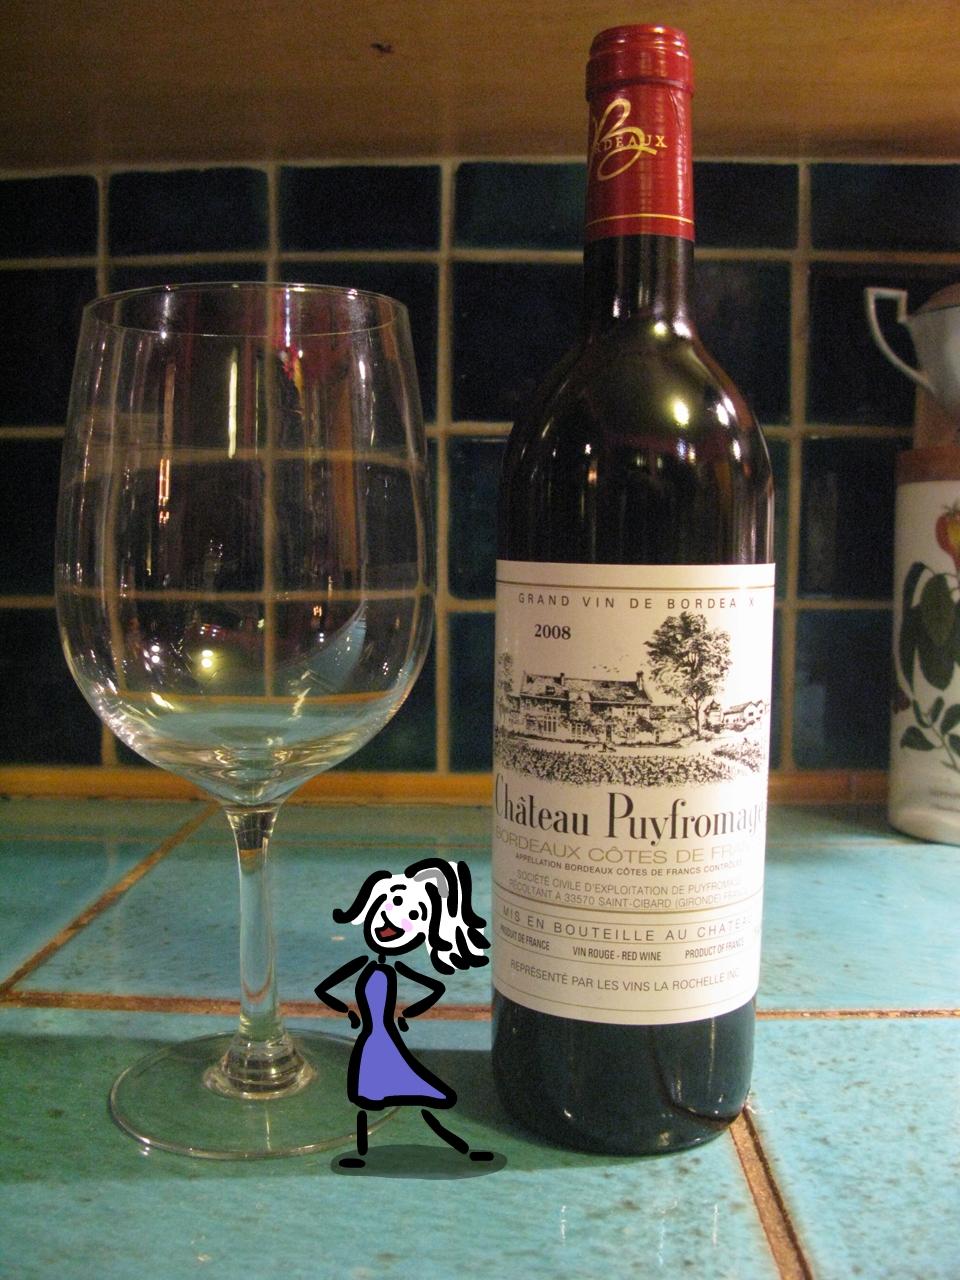 Big ass winery